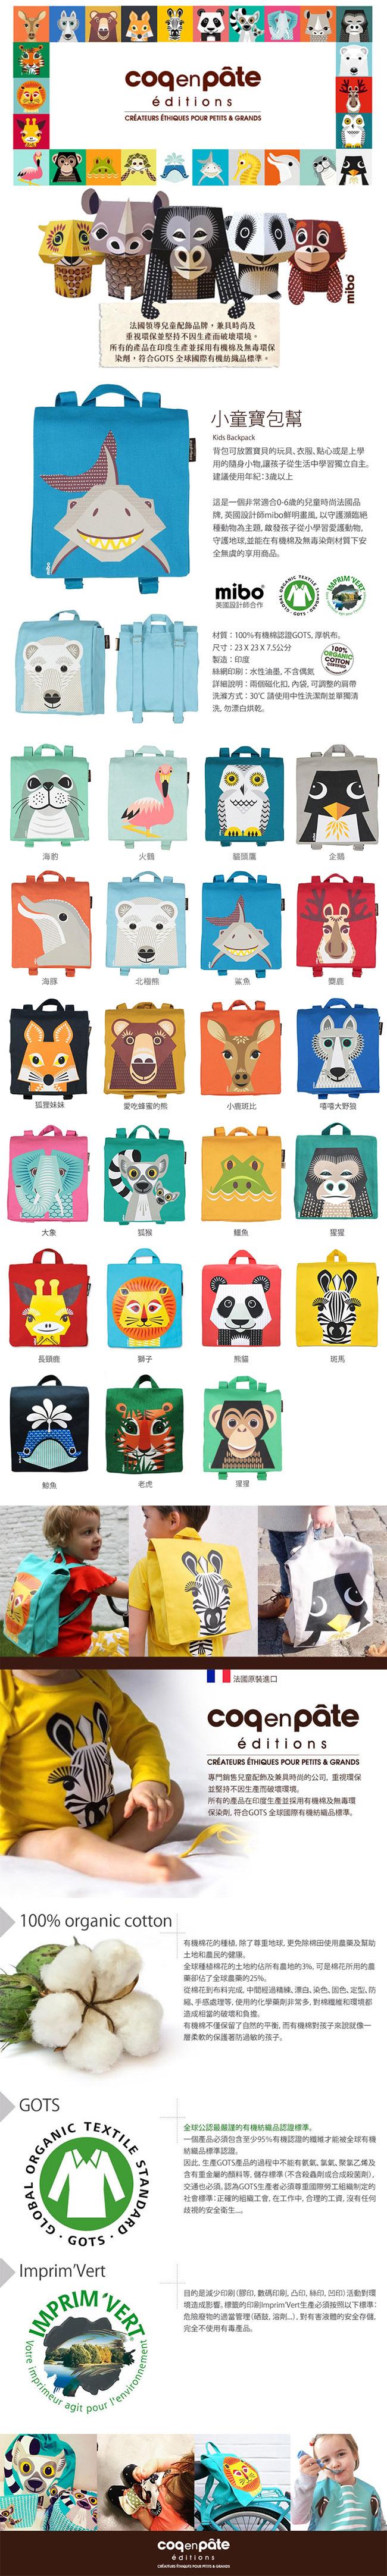 (複製)COQENPATE│法國有機棉無毒環保化妝包 / 筆袋- 畫筆兒的家 - 黑猩猩